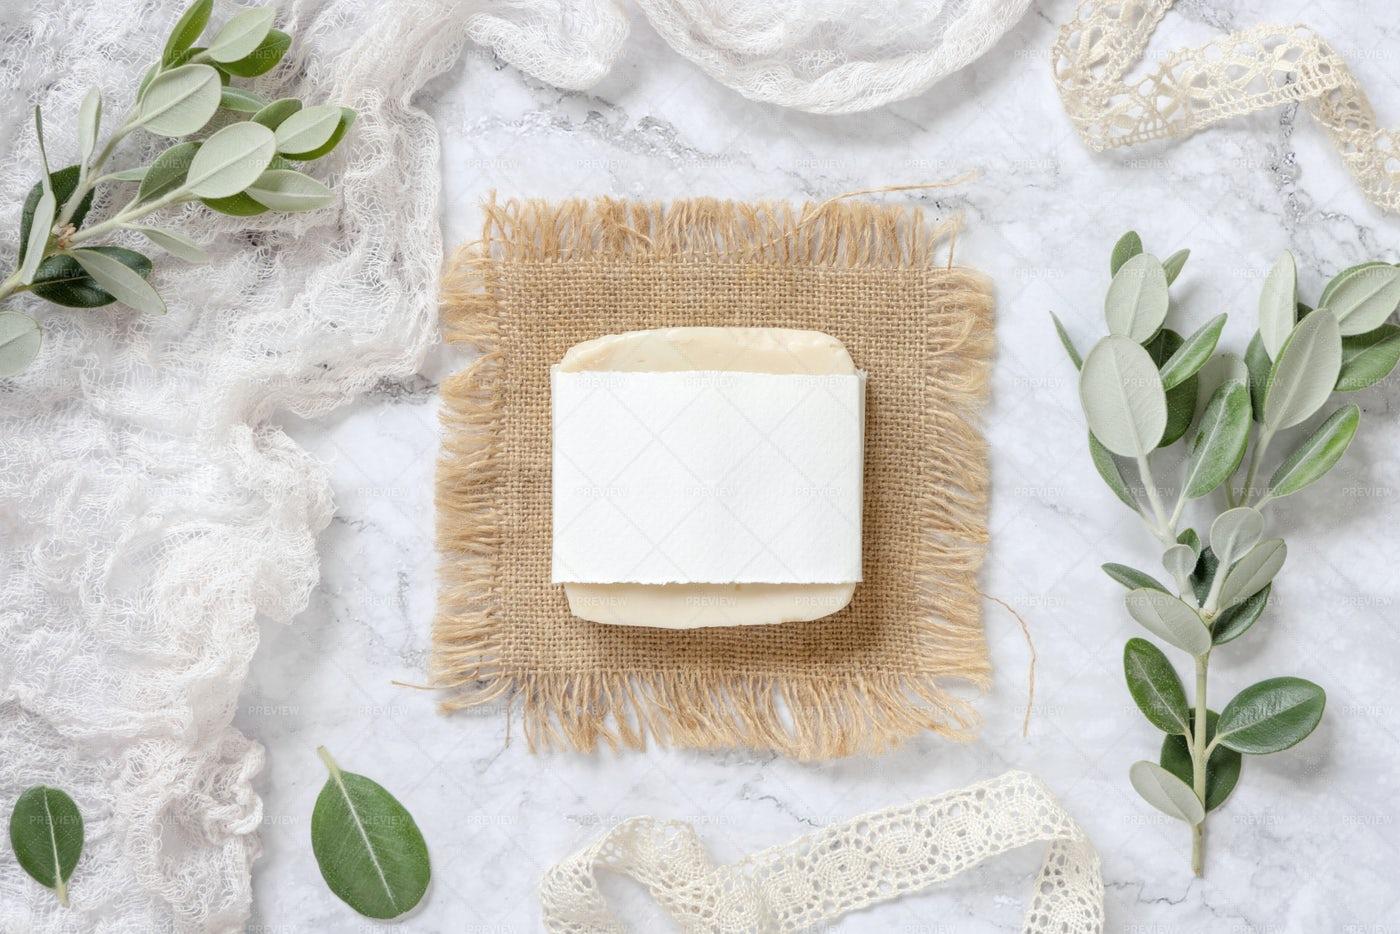 Soap Bar Packaging Mockup: Stock Photos